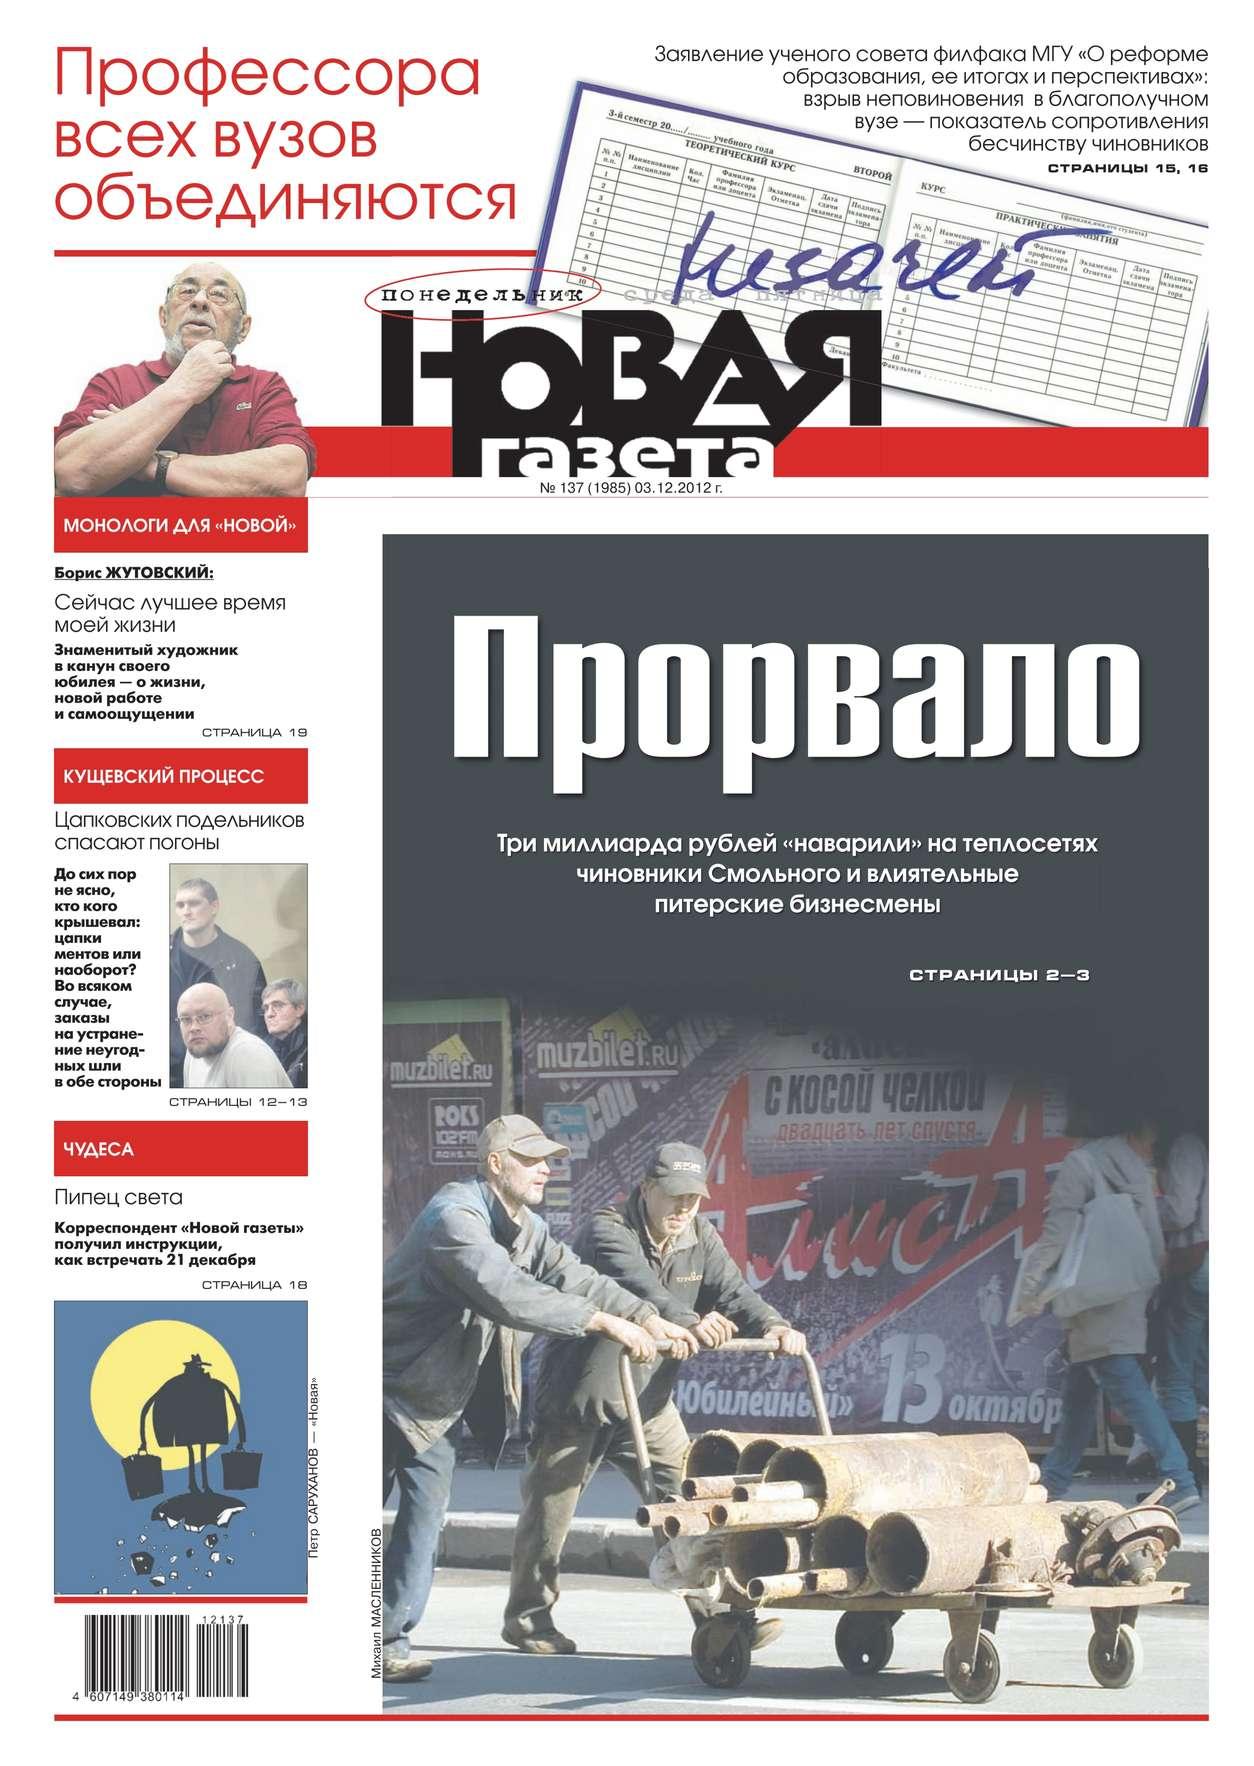 Редакция газеты Новая Газета Новая газета 137-12-2012